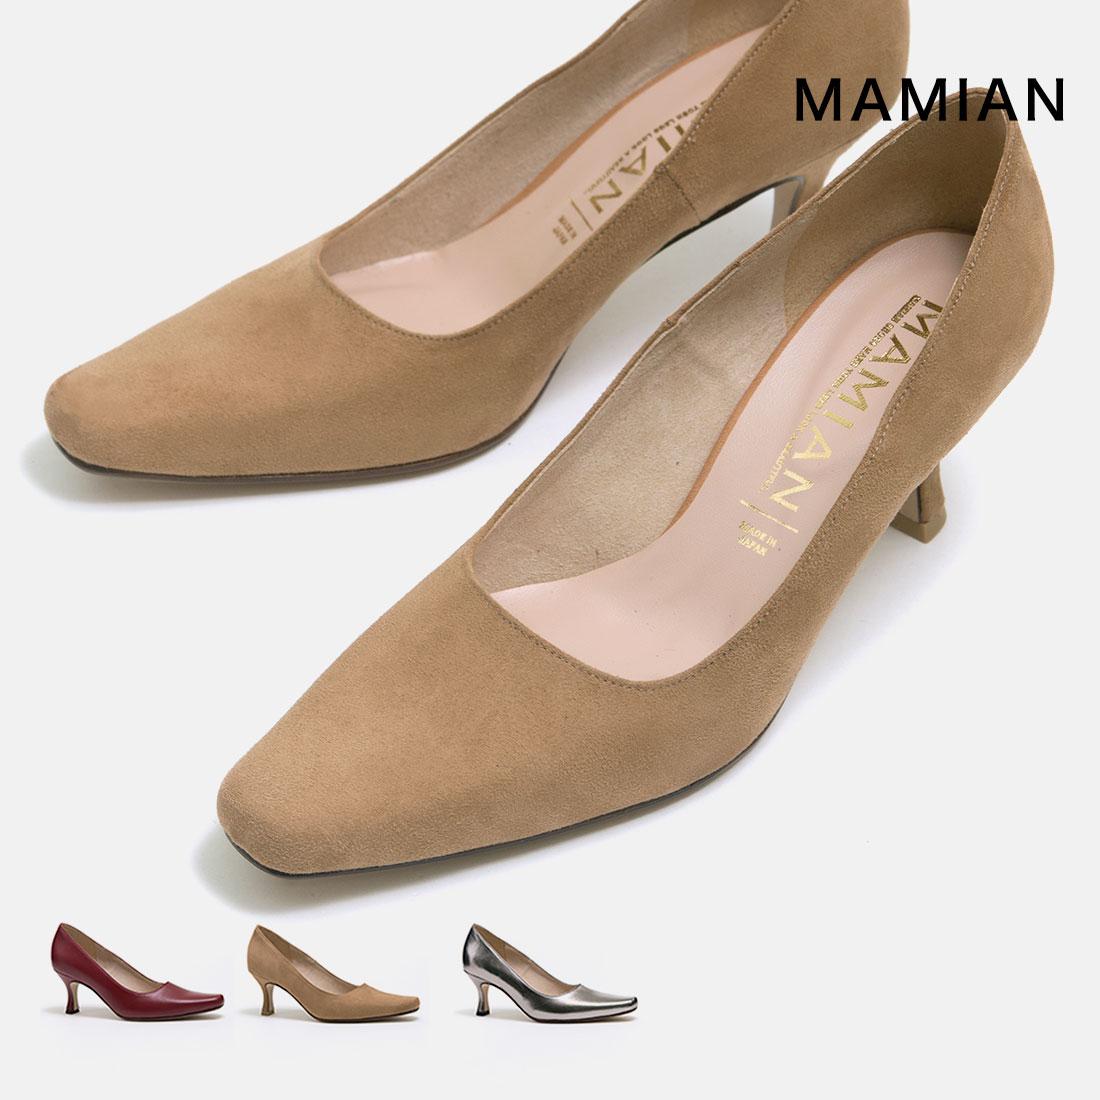 [50%OFF:MAMIAN楽天市場店 ウインターセール]美脚ミドルヒールパンプス:足が痛くない(なりにくい)6.5cmヒール 日本製 ボルドー ベージュ スチール ブラック スクエアトゥミドルヒールパンプス(1658PF1-ah)